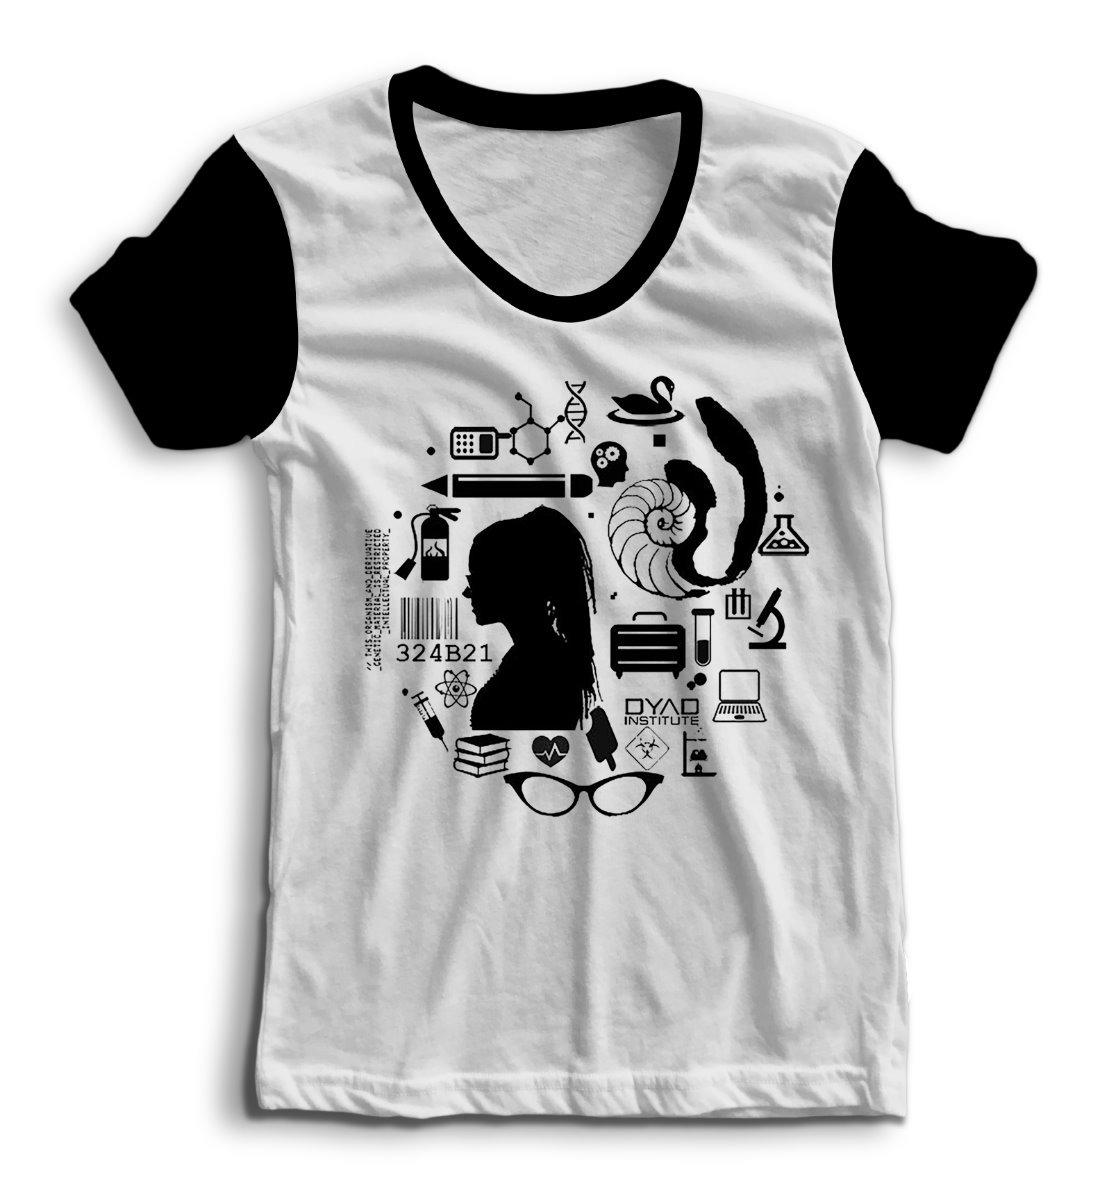 Camiseta Raglan Orphan Black Cosima Niehaus Clone Série  02 - R  38 ... a0a7ad60339c8